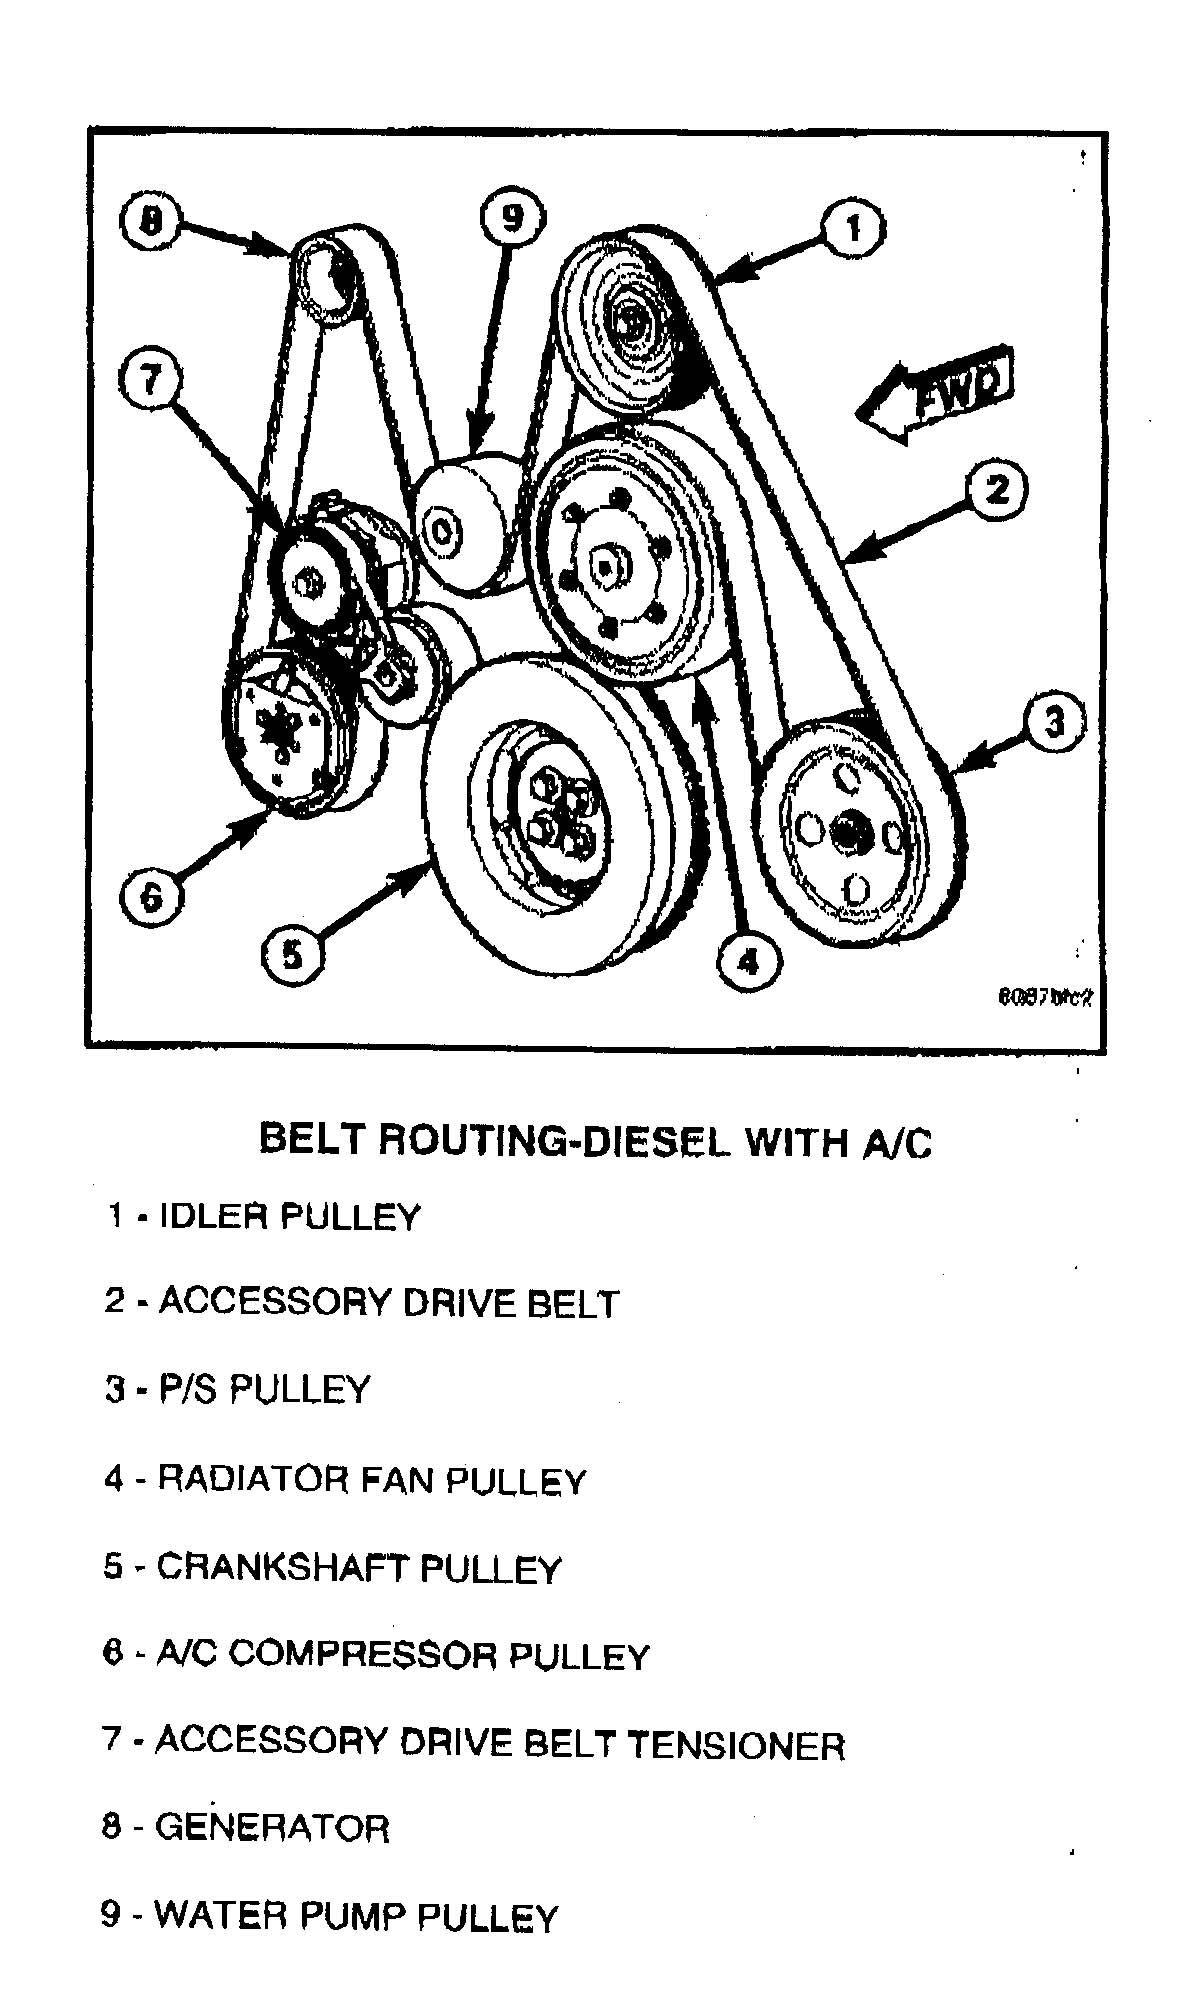 6 7 belt routing diagram - dodge diesel